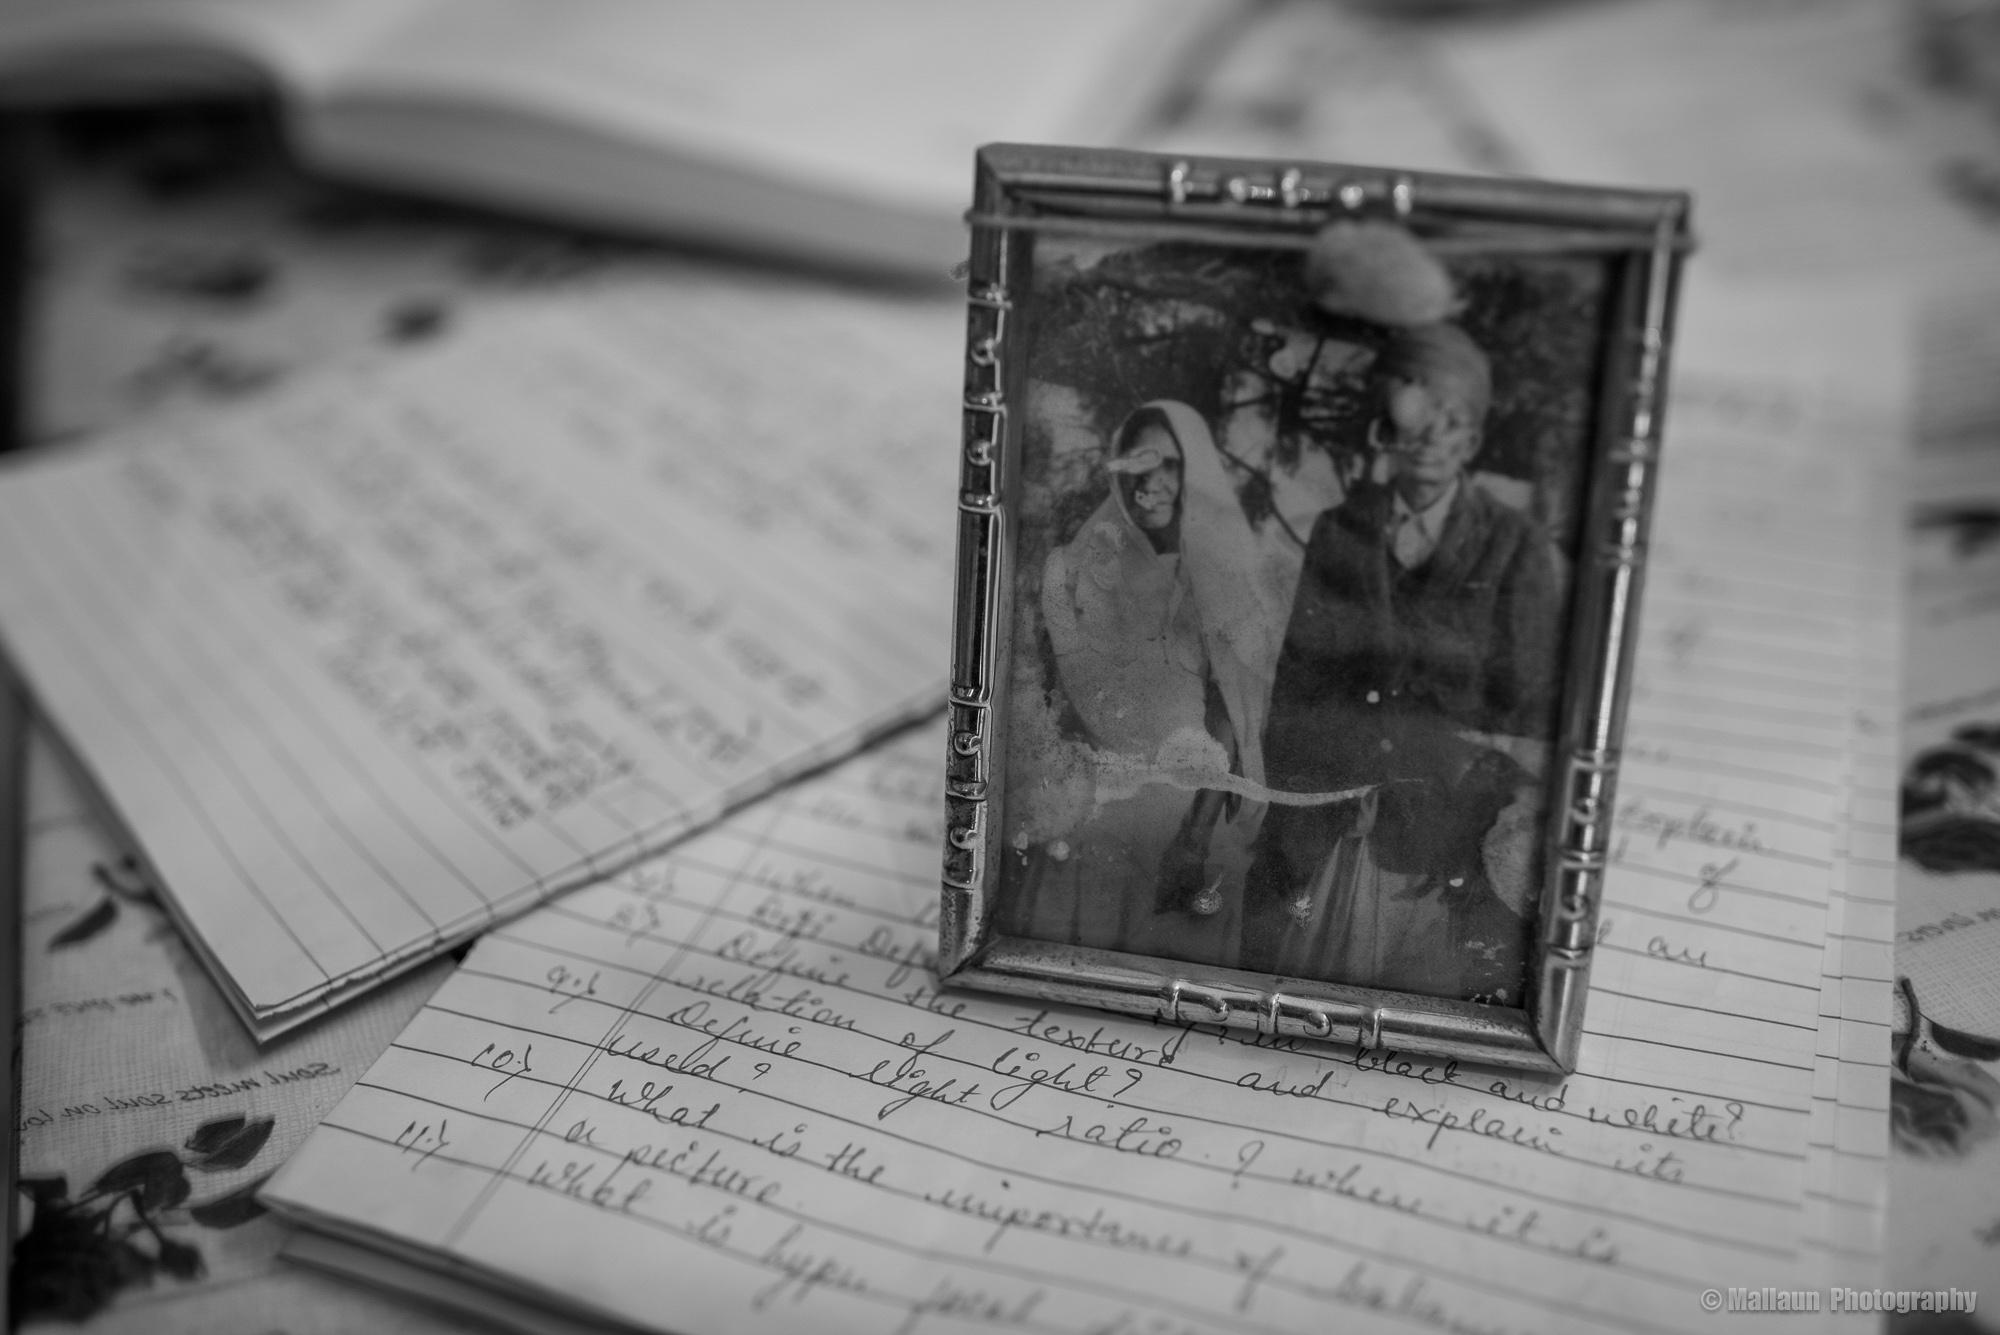 Das allererste Bild, das Shivji Joshi damals mit einer Agfa-Kamera fotografier hat © Mallaun Photography